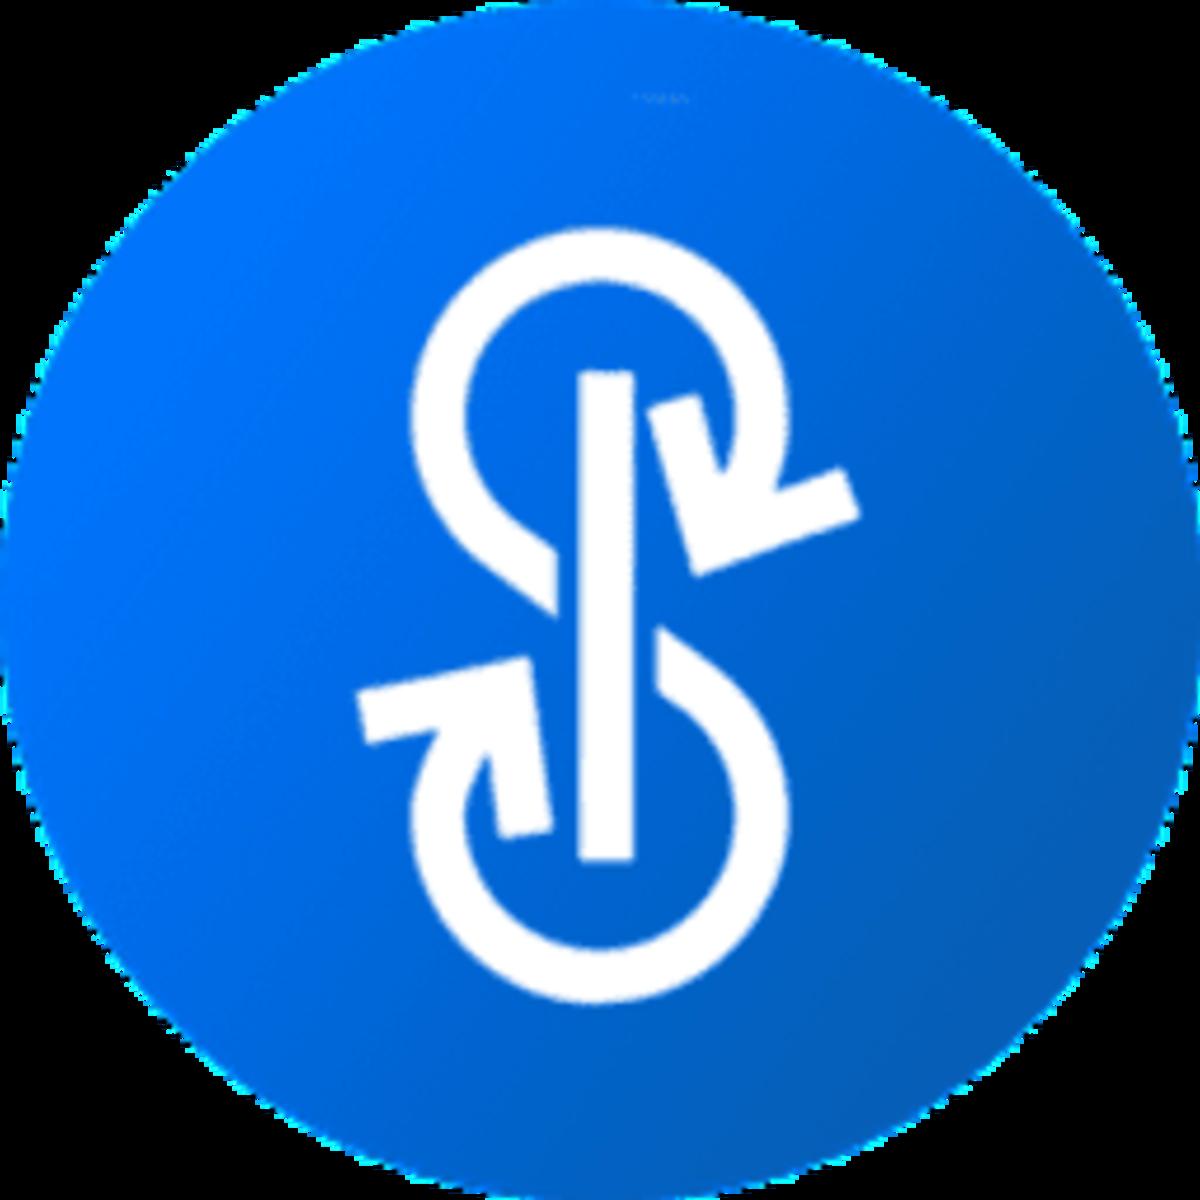 The Yearn.finance logo